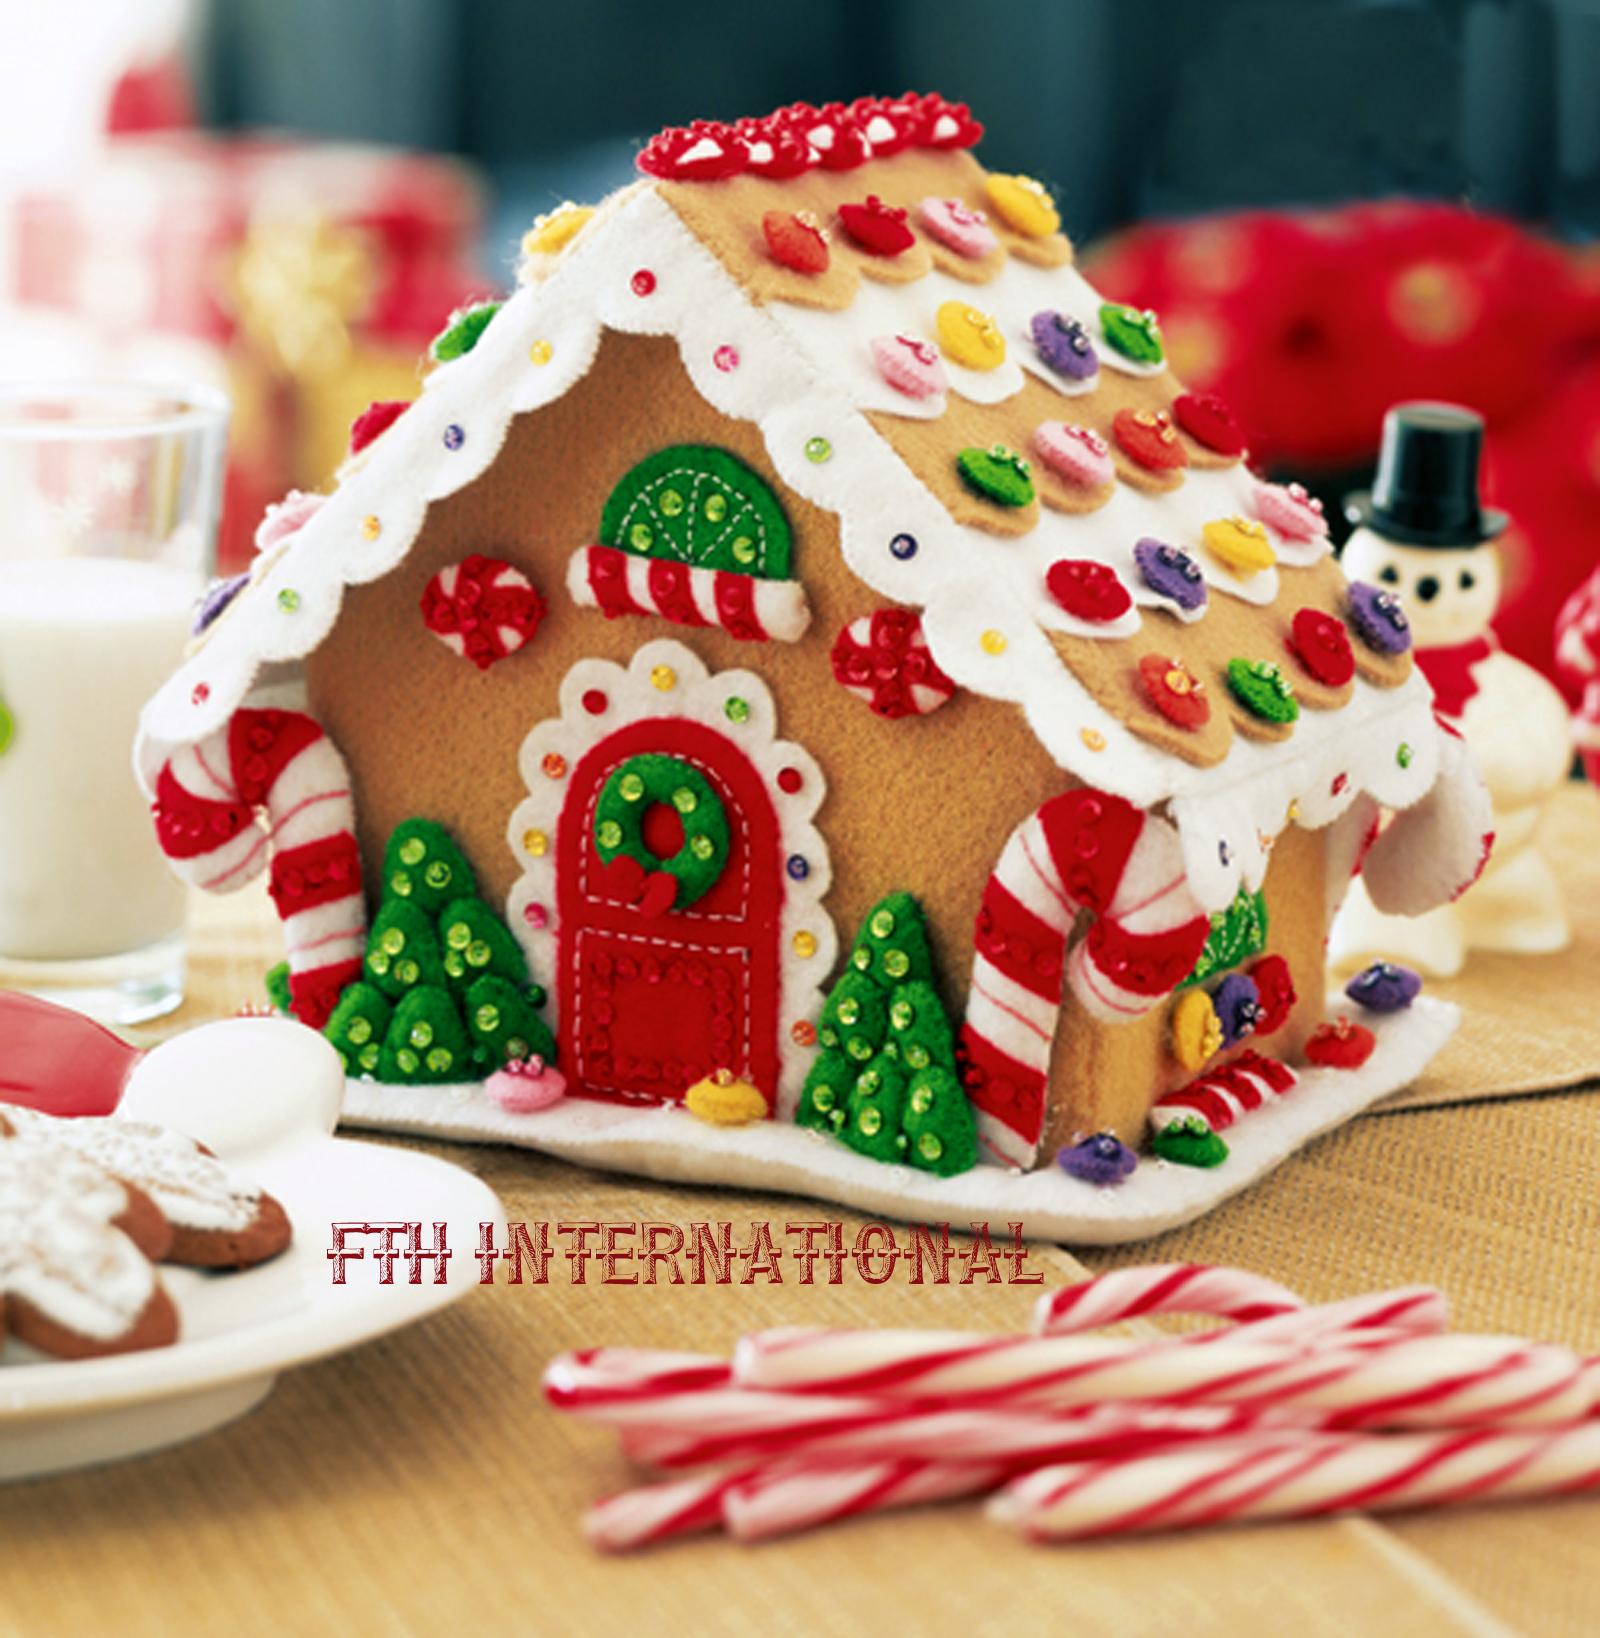 Christmas Gingerbread House Kit.Gingerbread House Bucilla Felt Christmas 3d Home Decor Kit 85261